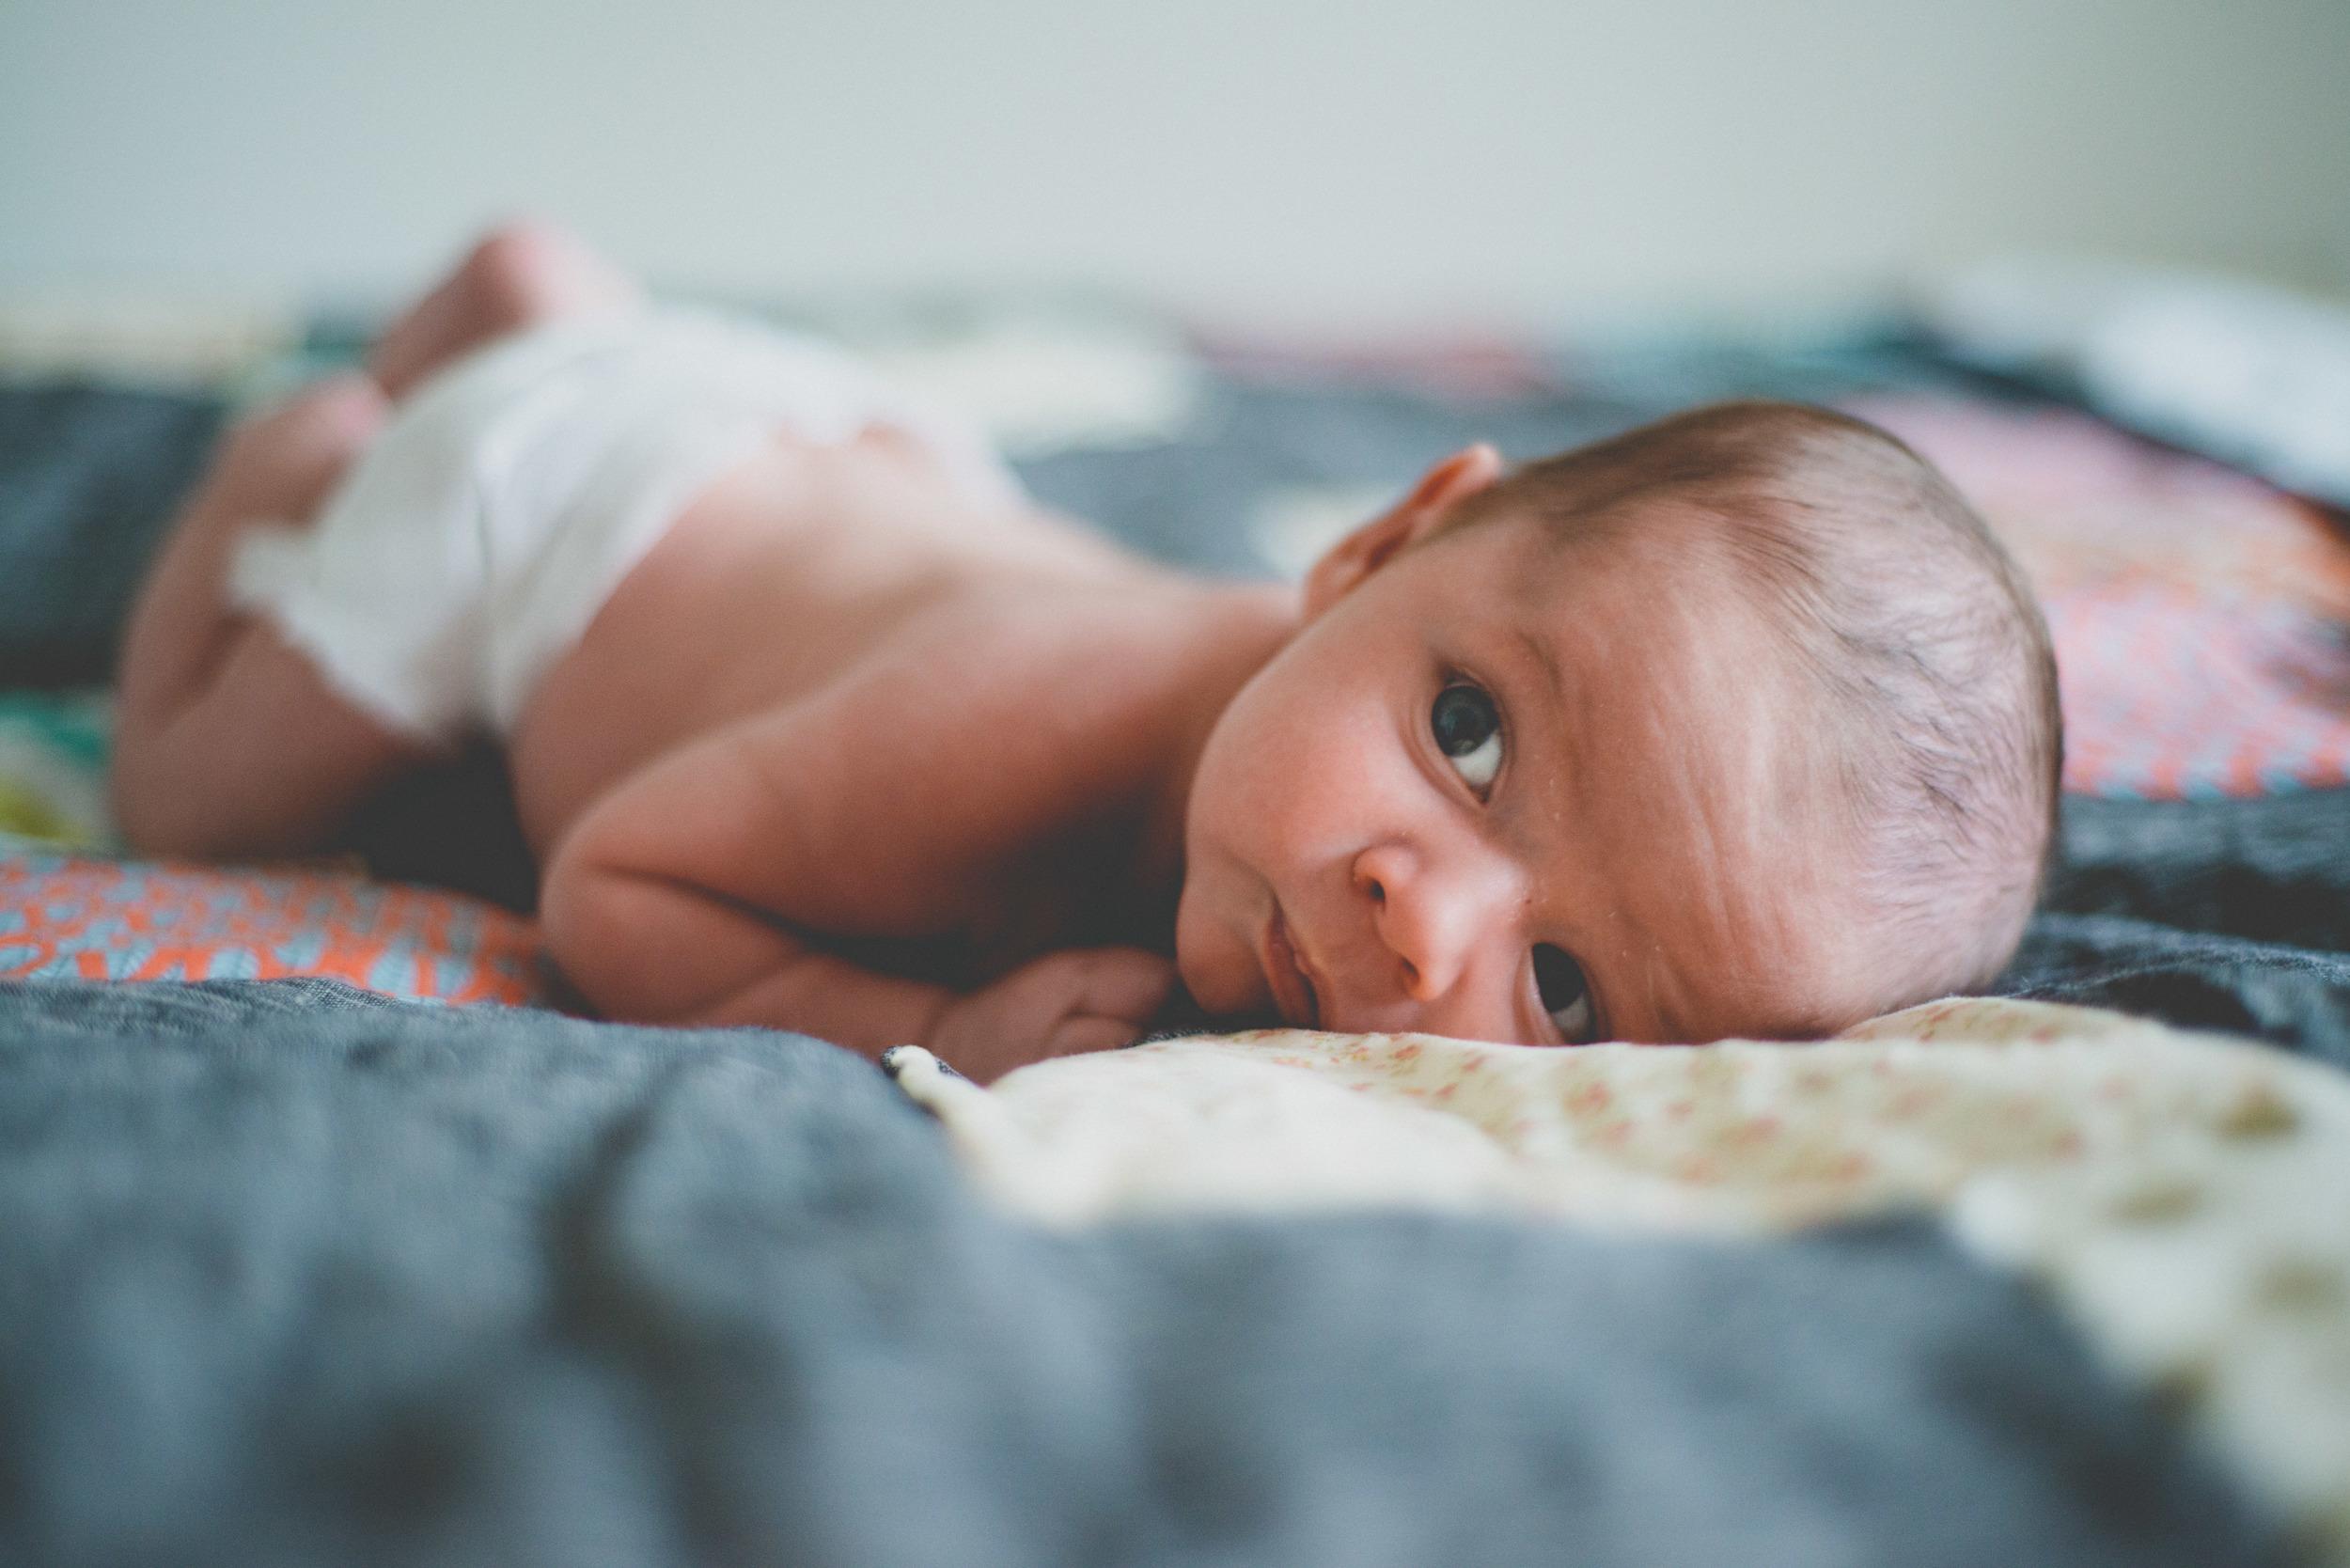 prats_newborn-7901.jpg